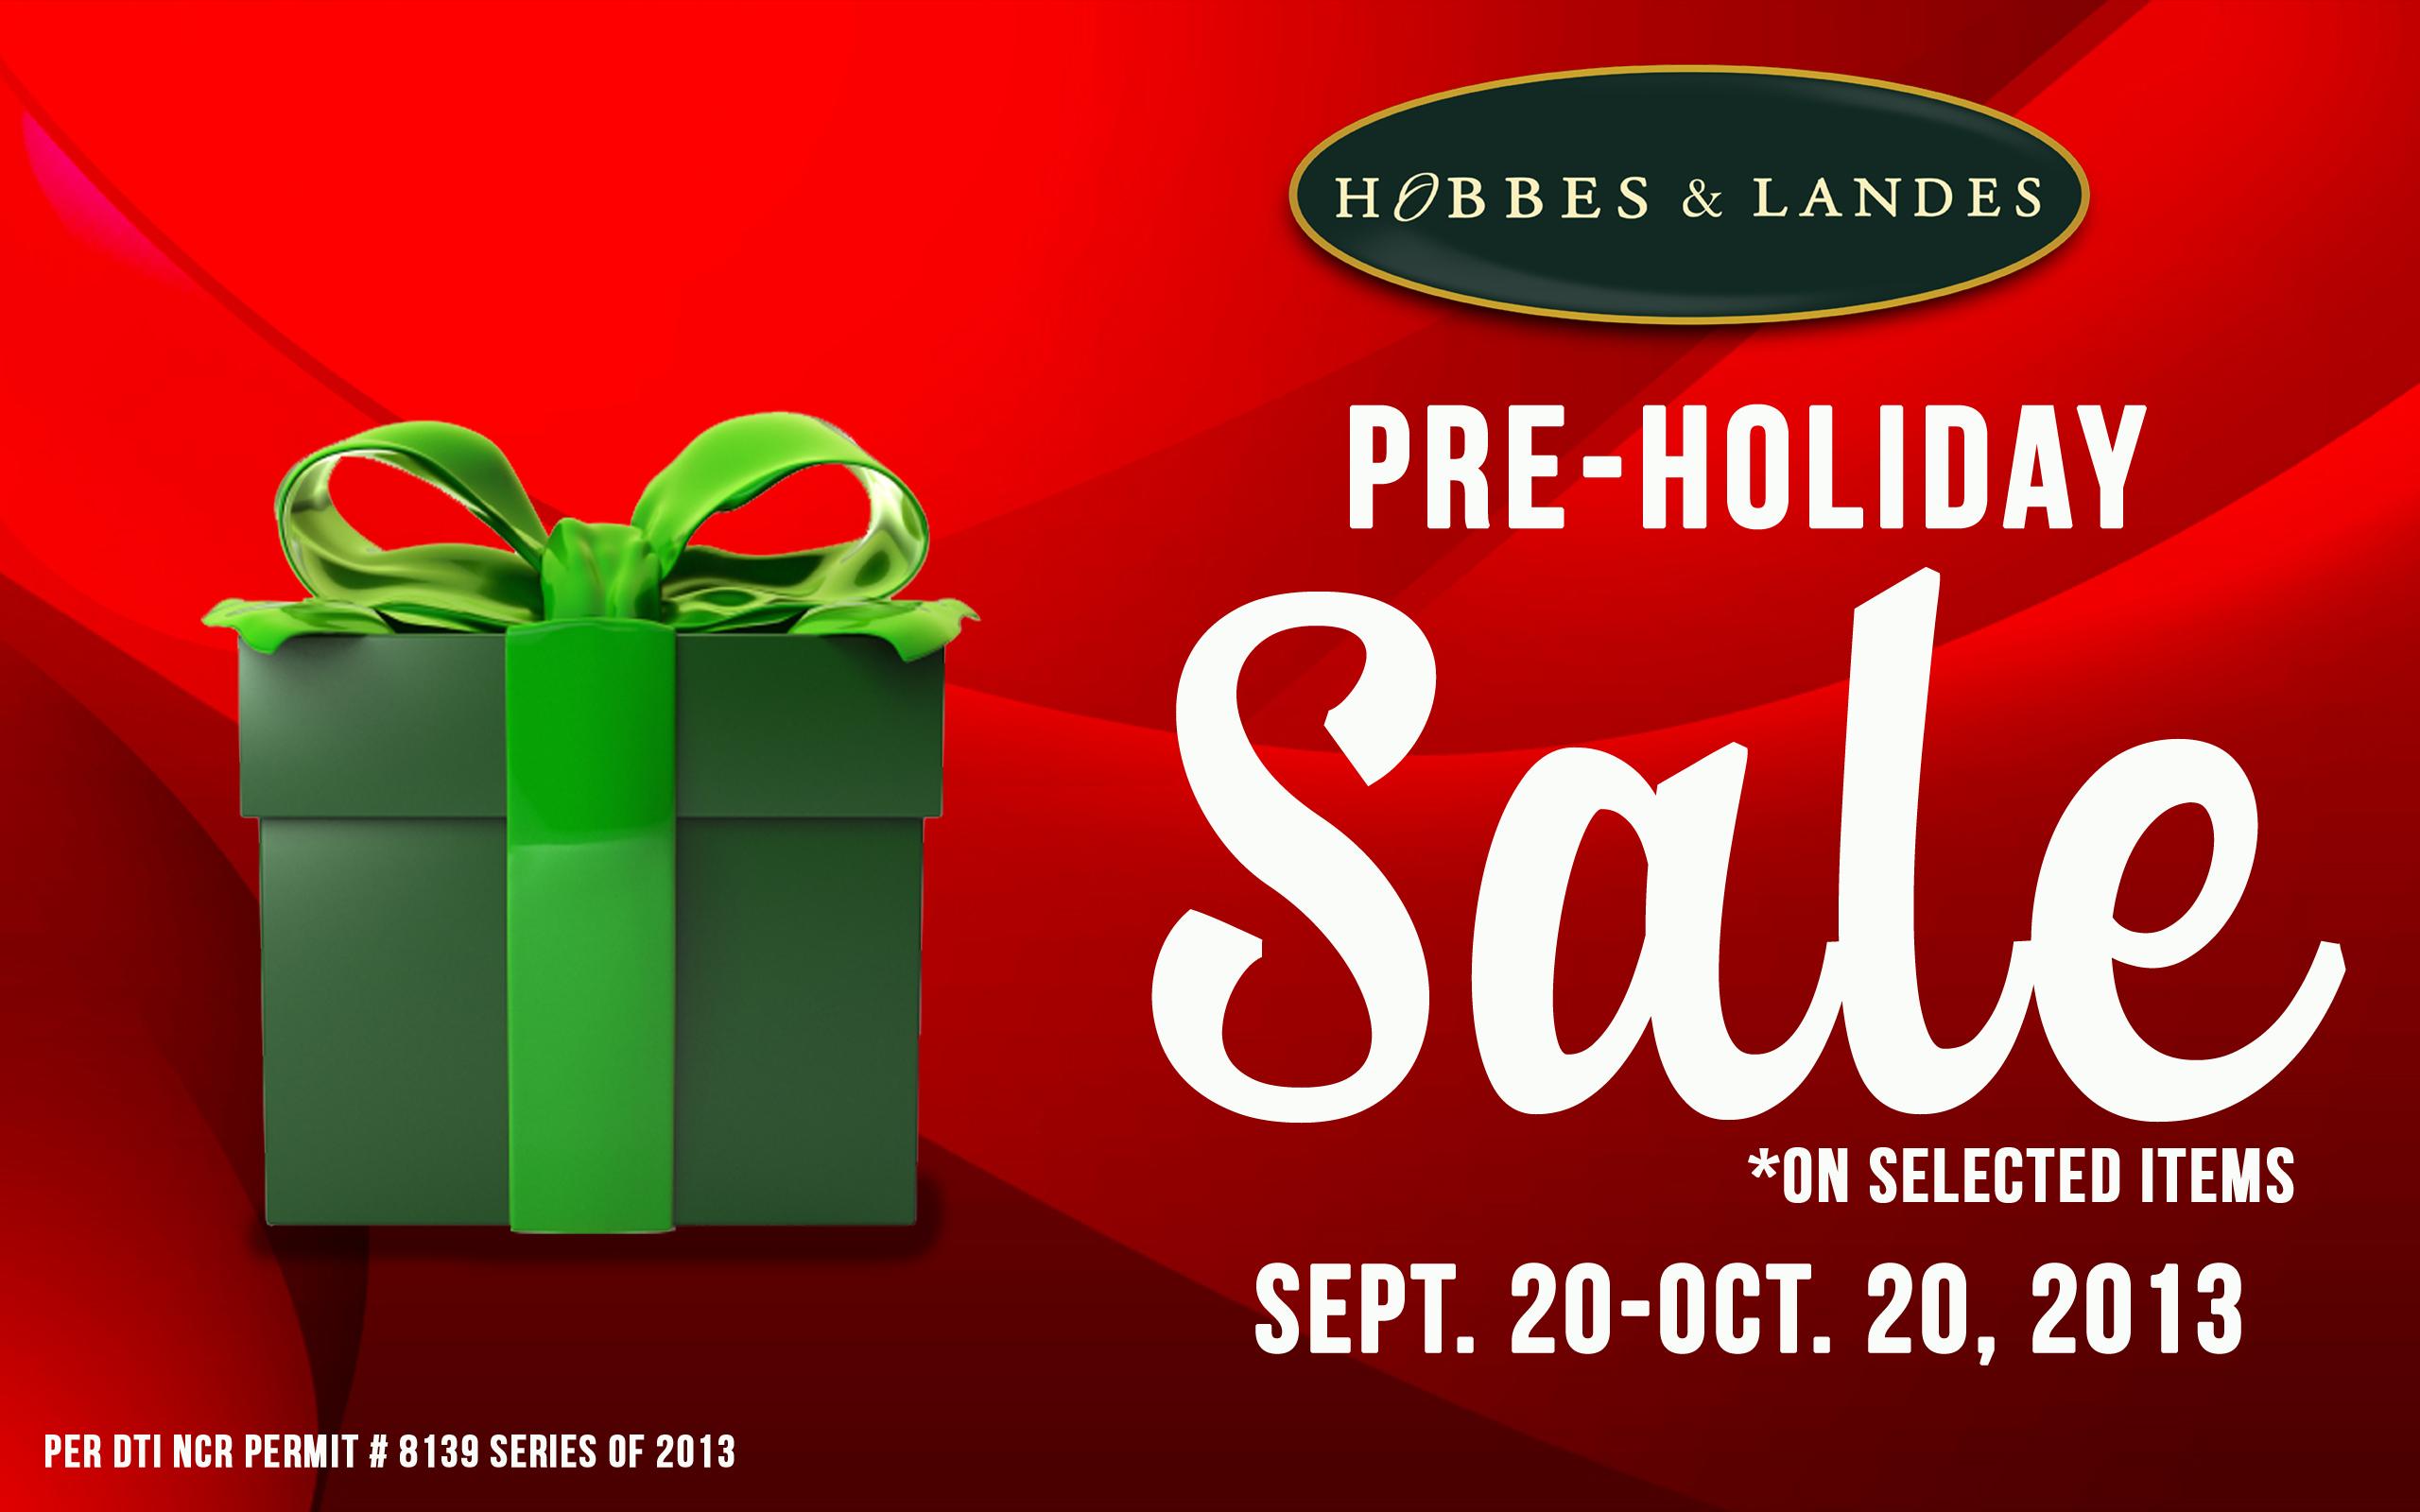 Hobbes & Landes Pre-Holiday Sale September - October 2013